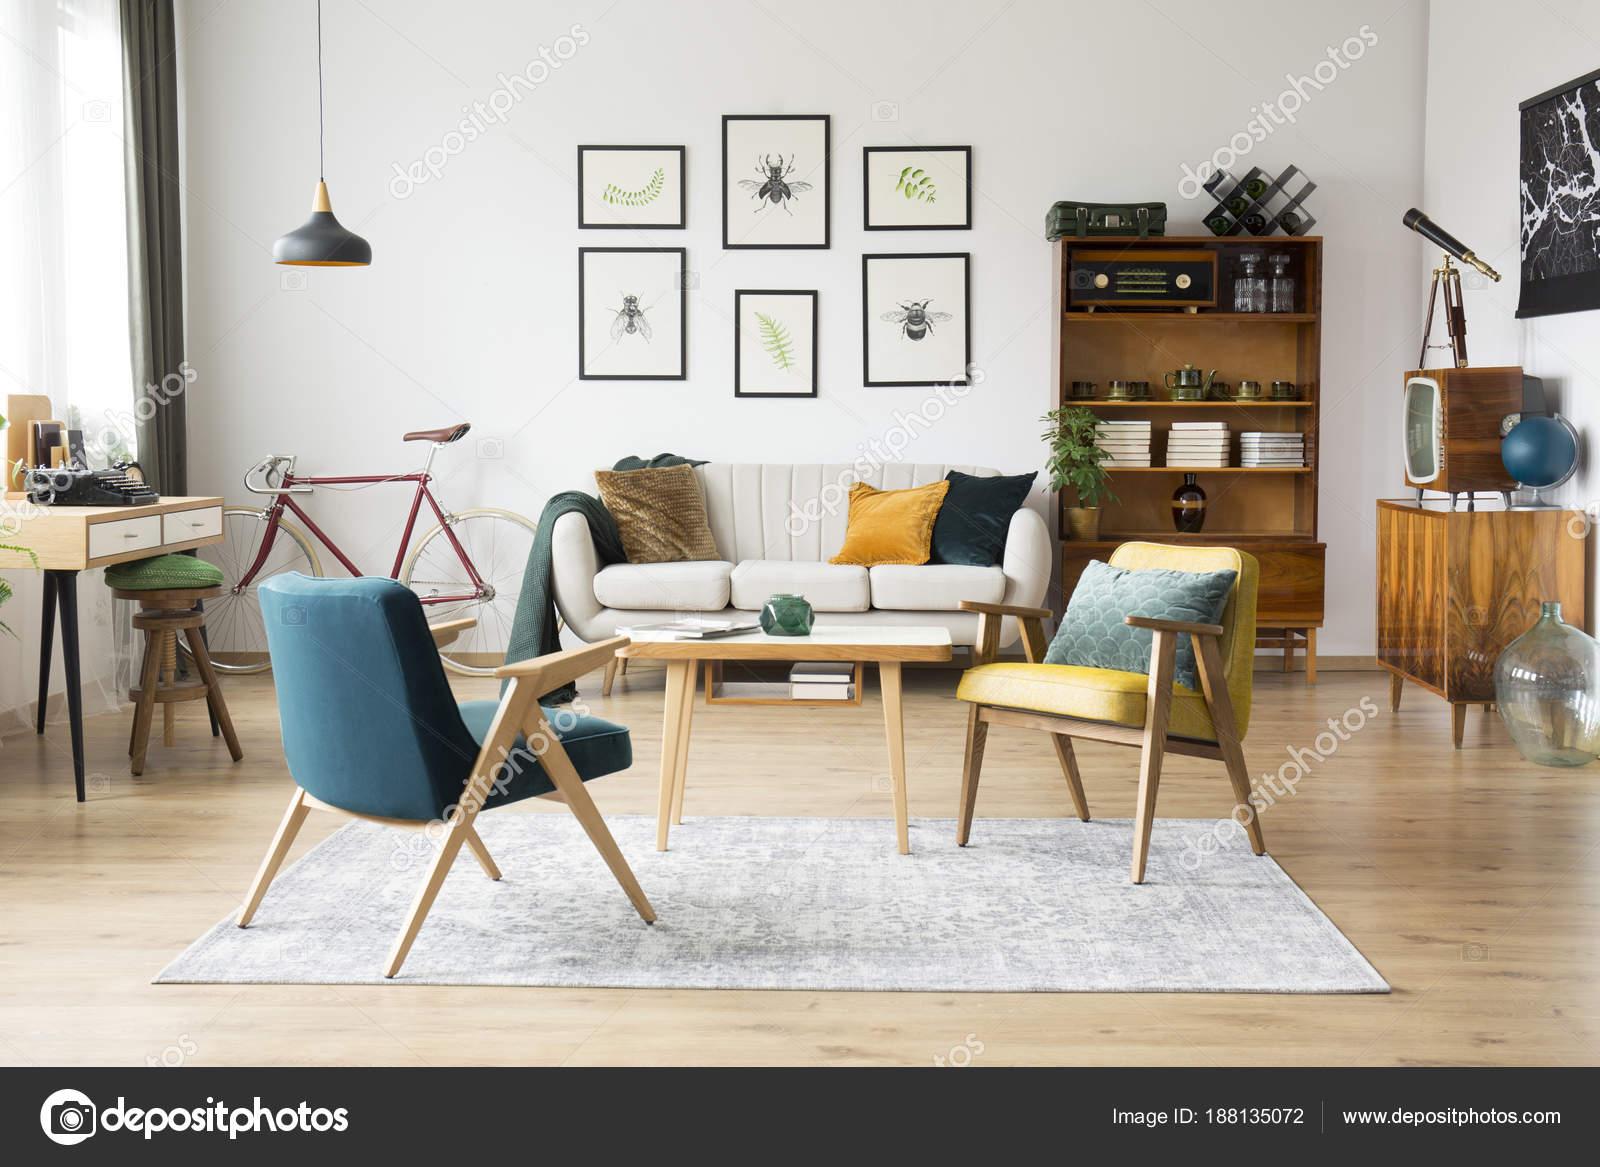 Vintage-Möbel in einer Wohnung — Stockfoto © photographee.eu #188135072